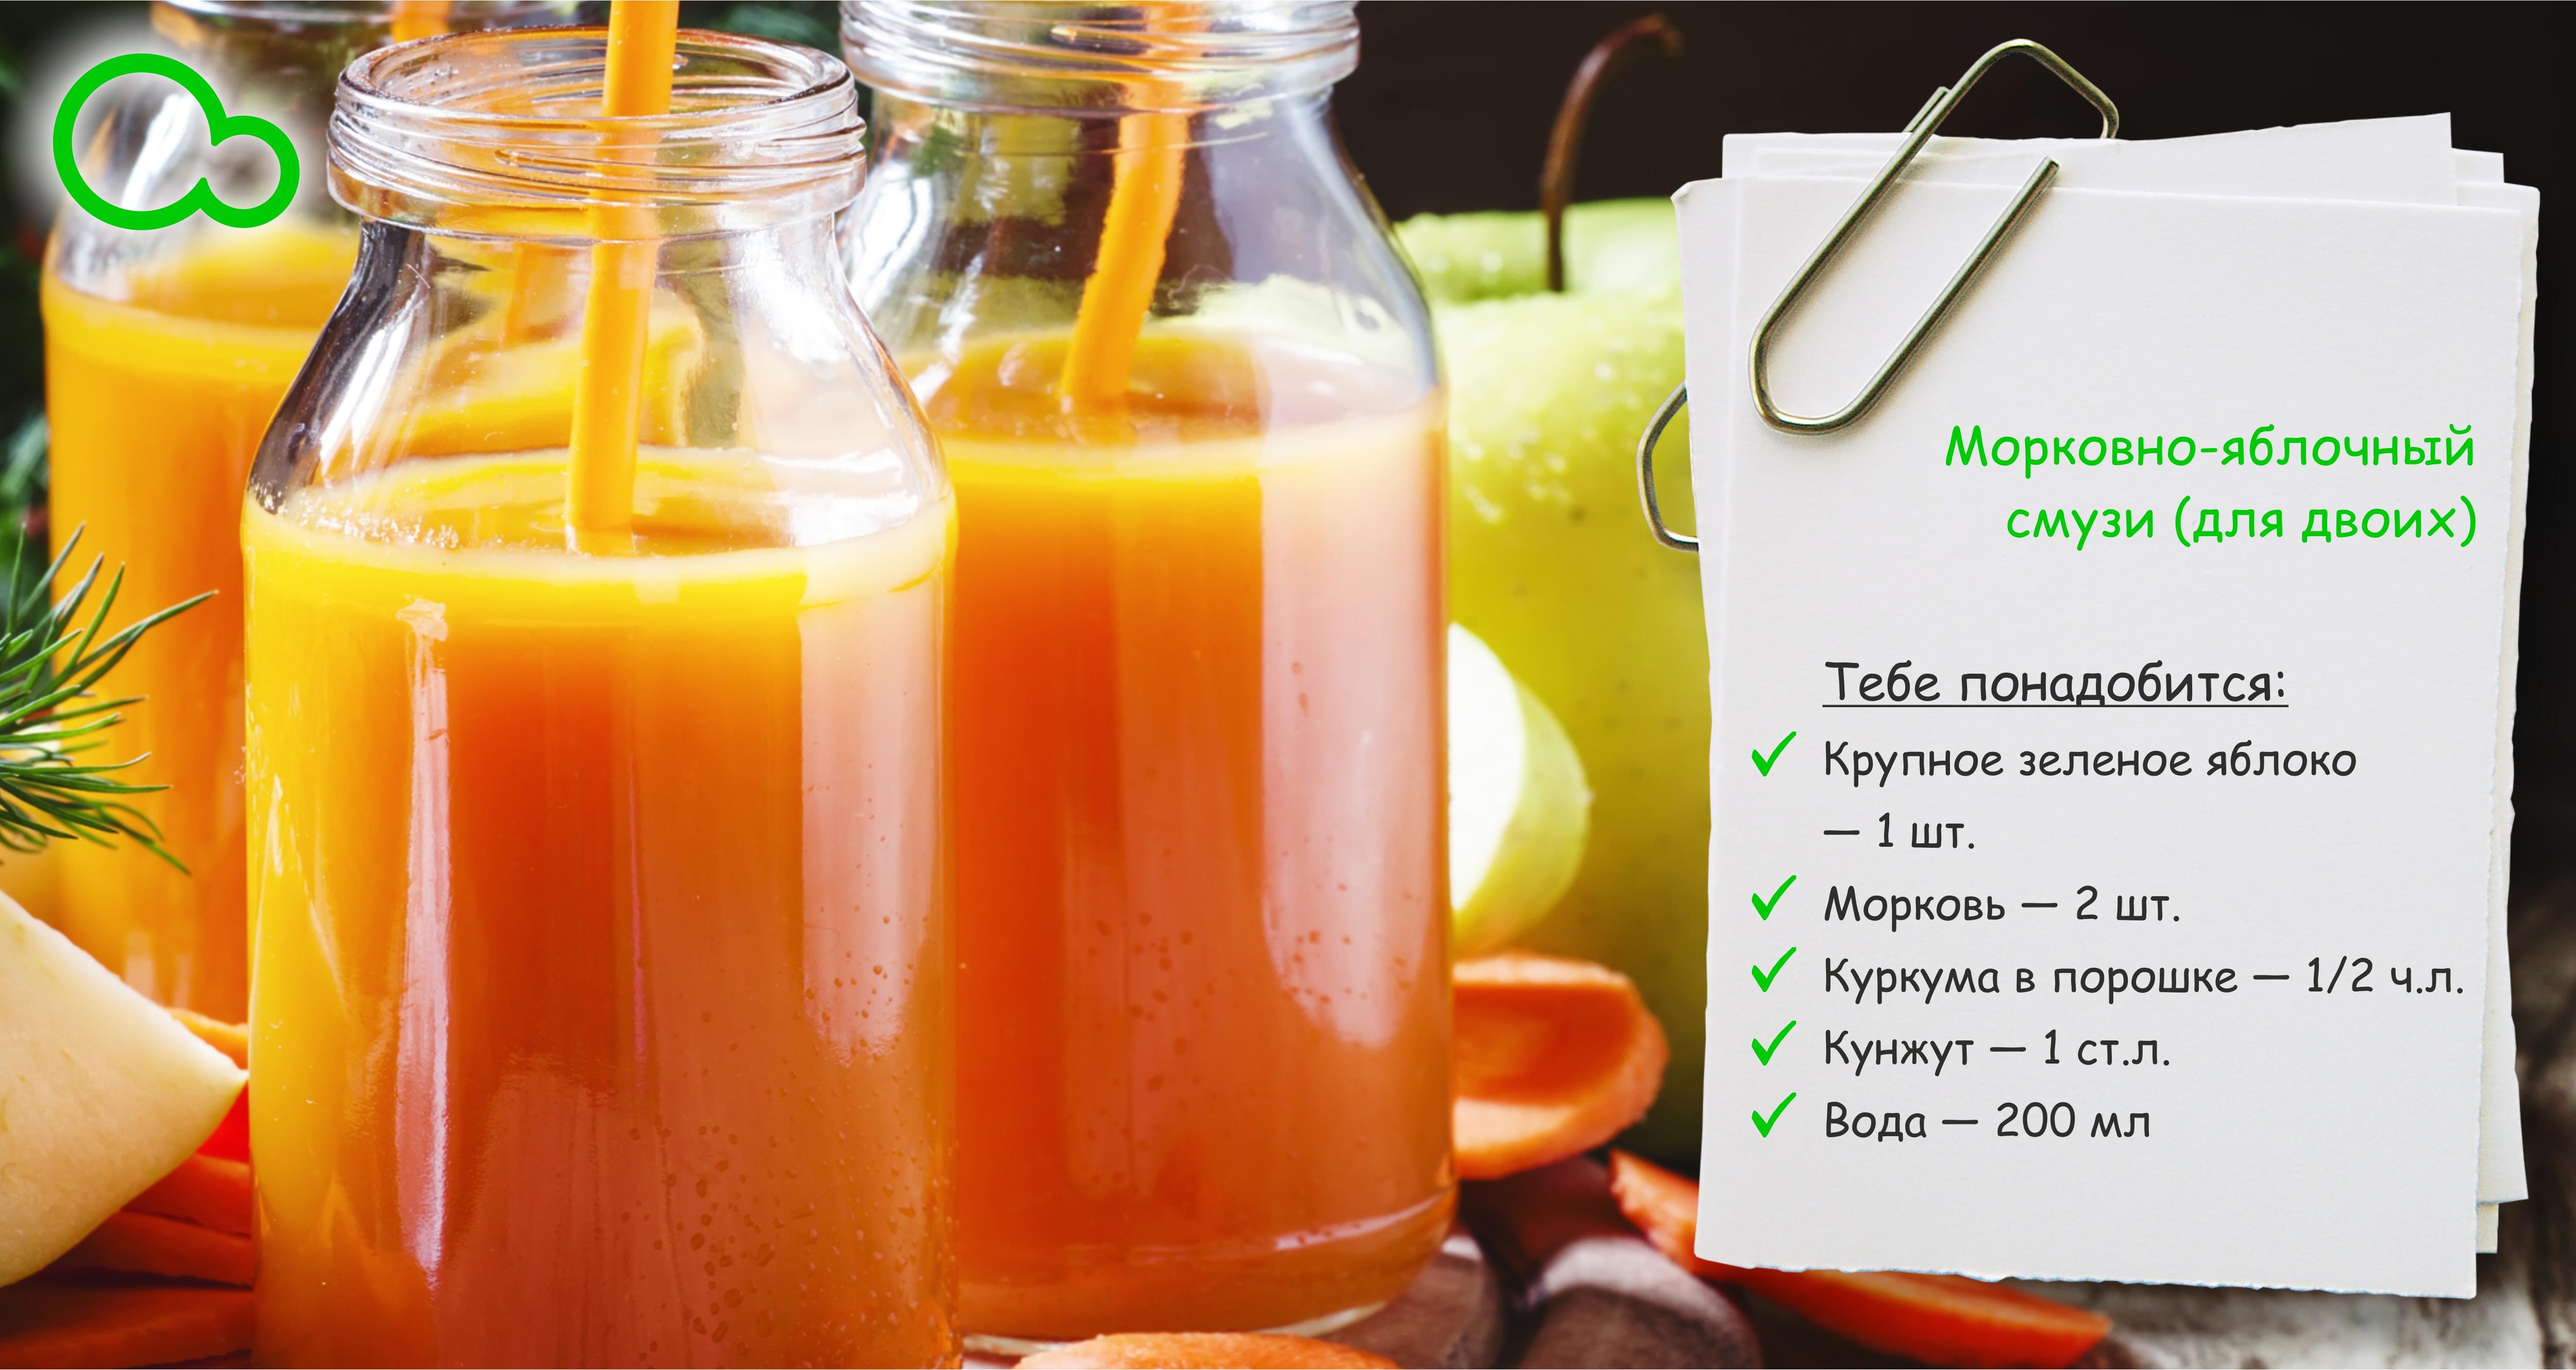 Похудение На Моркови И Яблоках. Салат из моркови и яблока для похудения: рецепты